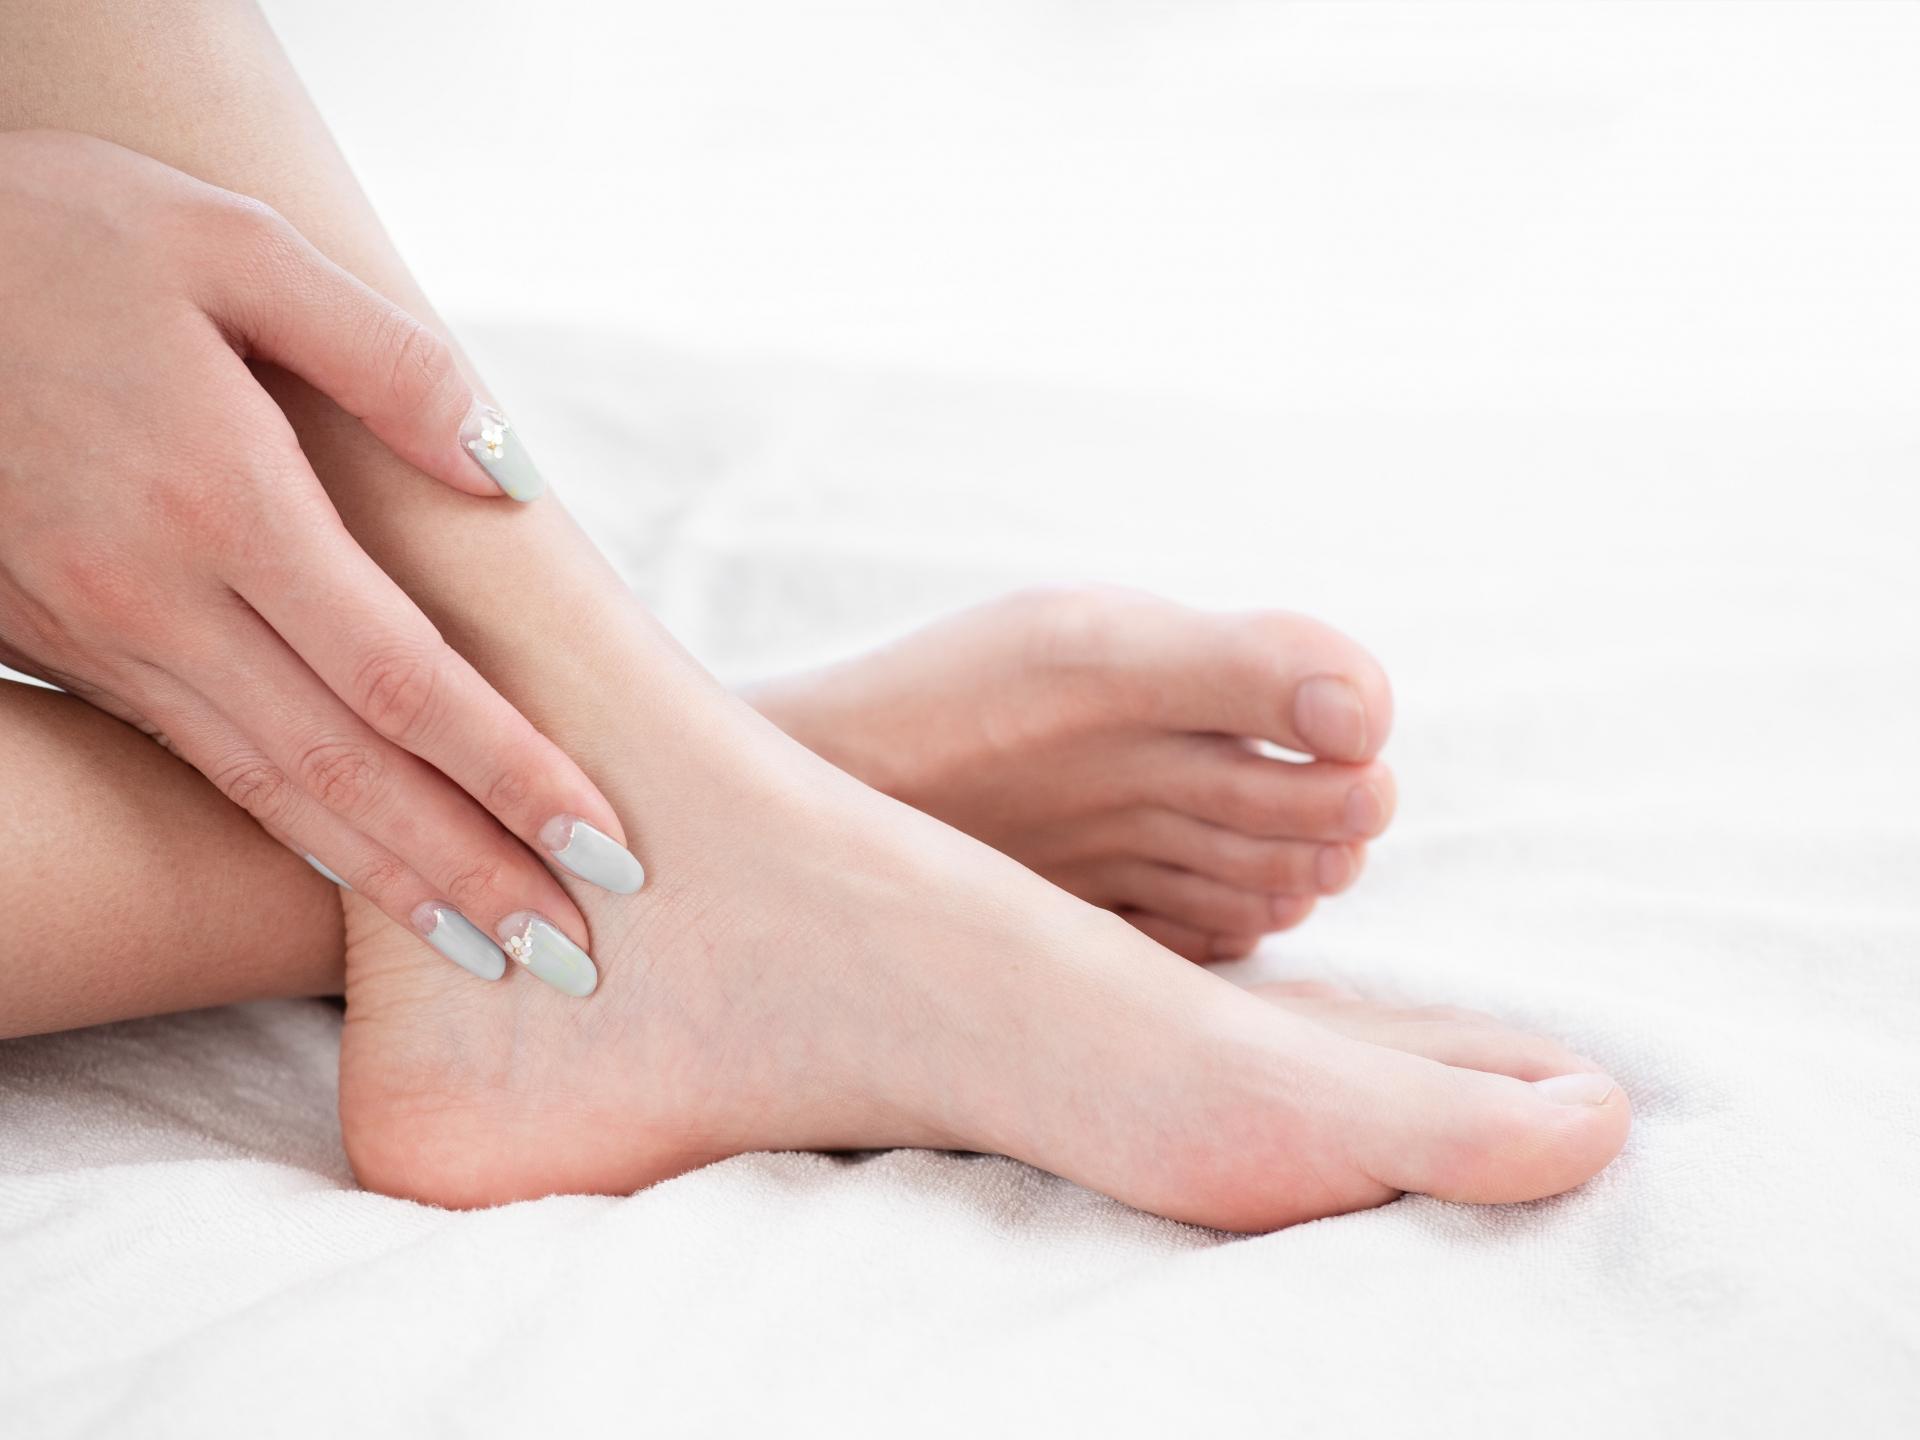 疲れやすさの原因? 扁平足のデメリットと改善方法